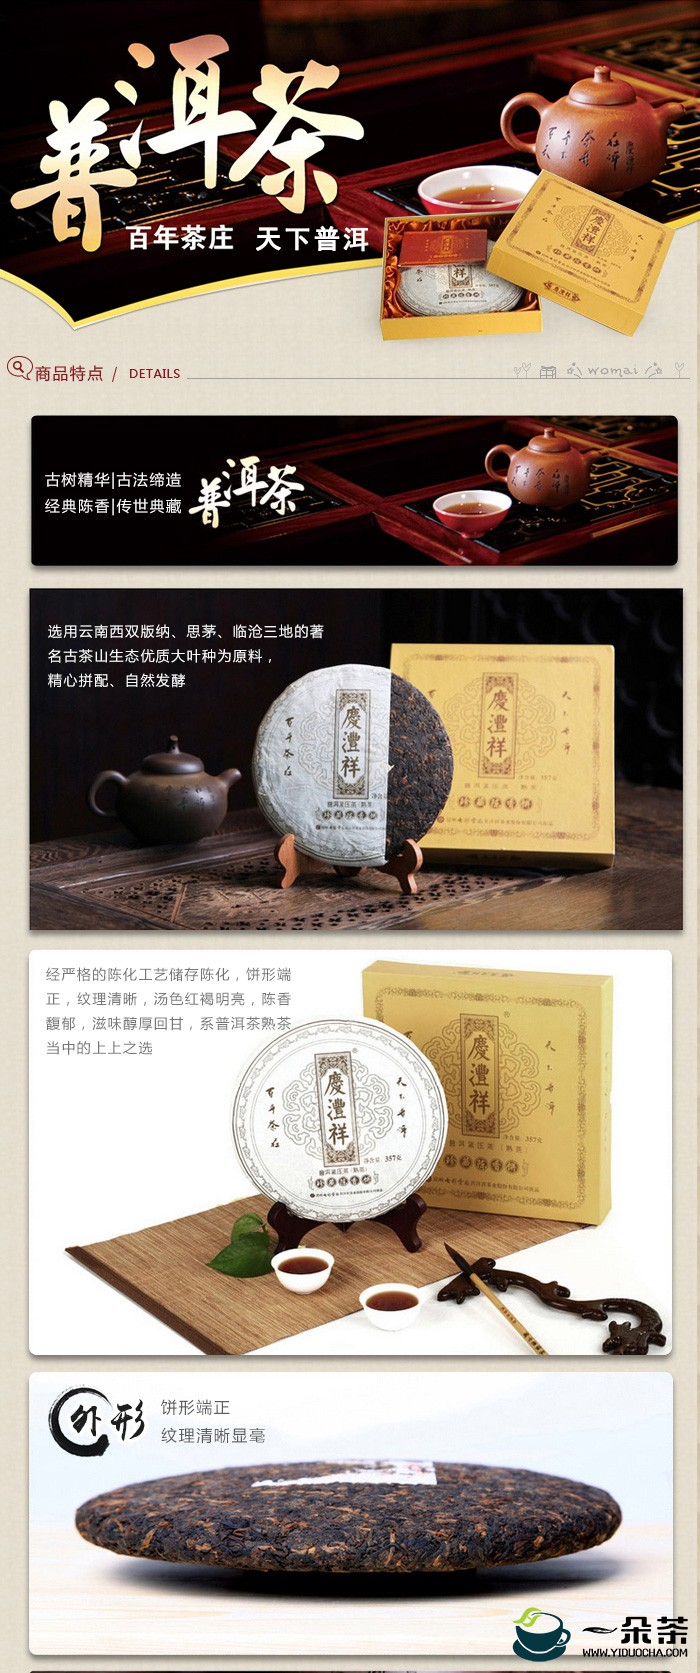 212家企业获准使用,普洱茶在列!云南大力实施地理标志运用促进工程